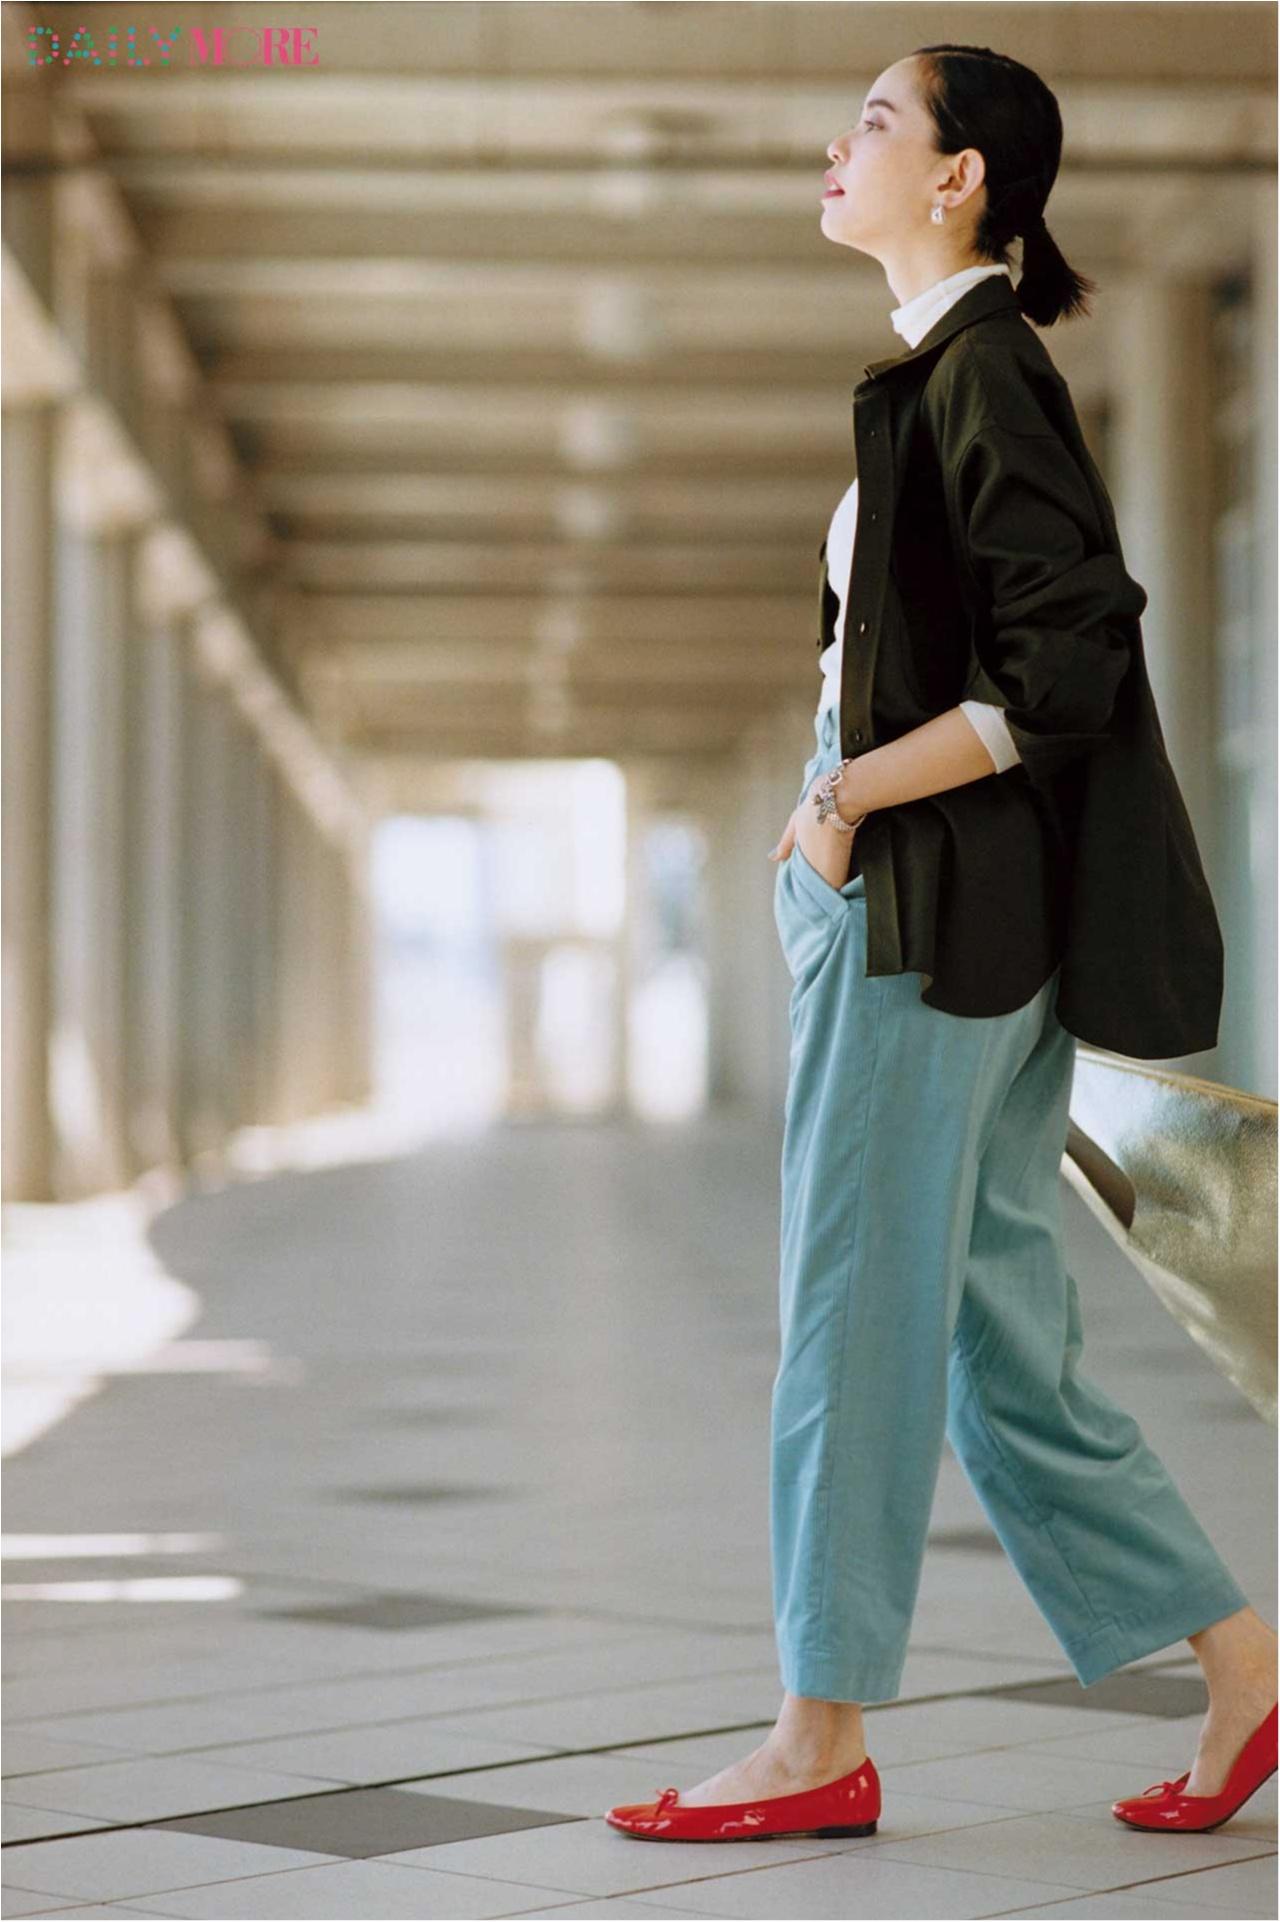 【今日のコーデ/比留川游】ライトブルーのパンツと赤い靴。連休の始まりはきれい色で気分をアップ!_1